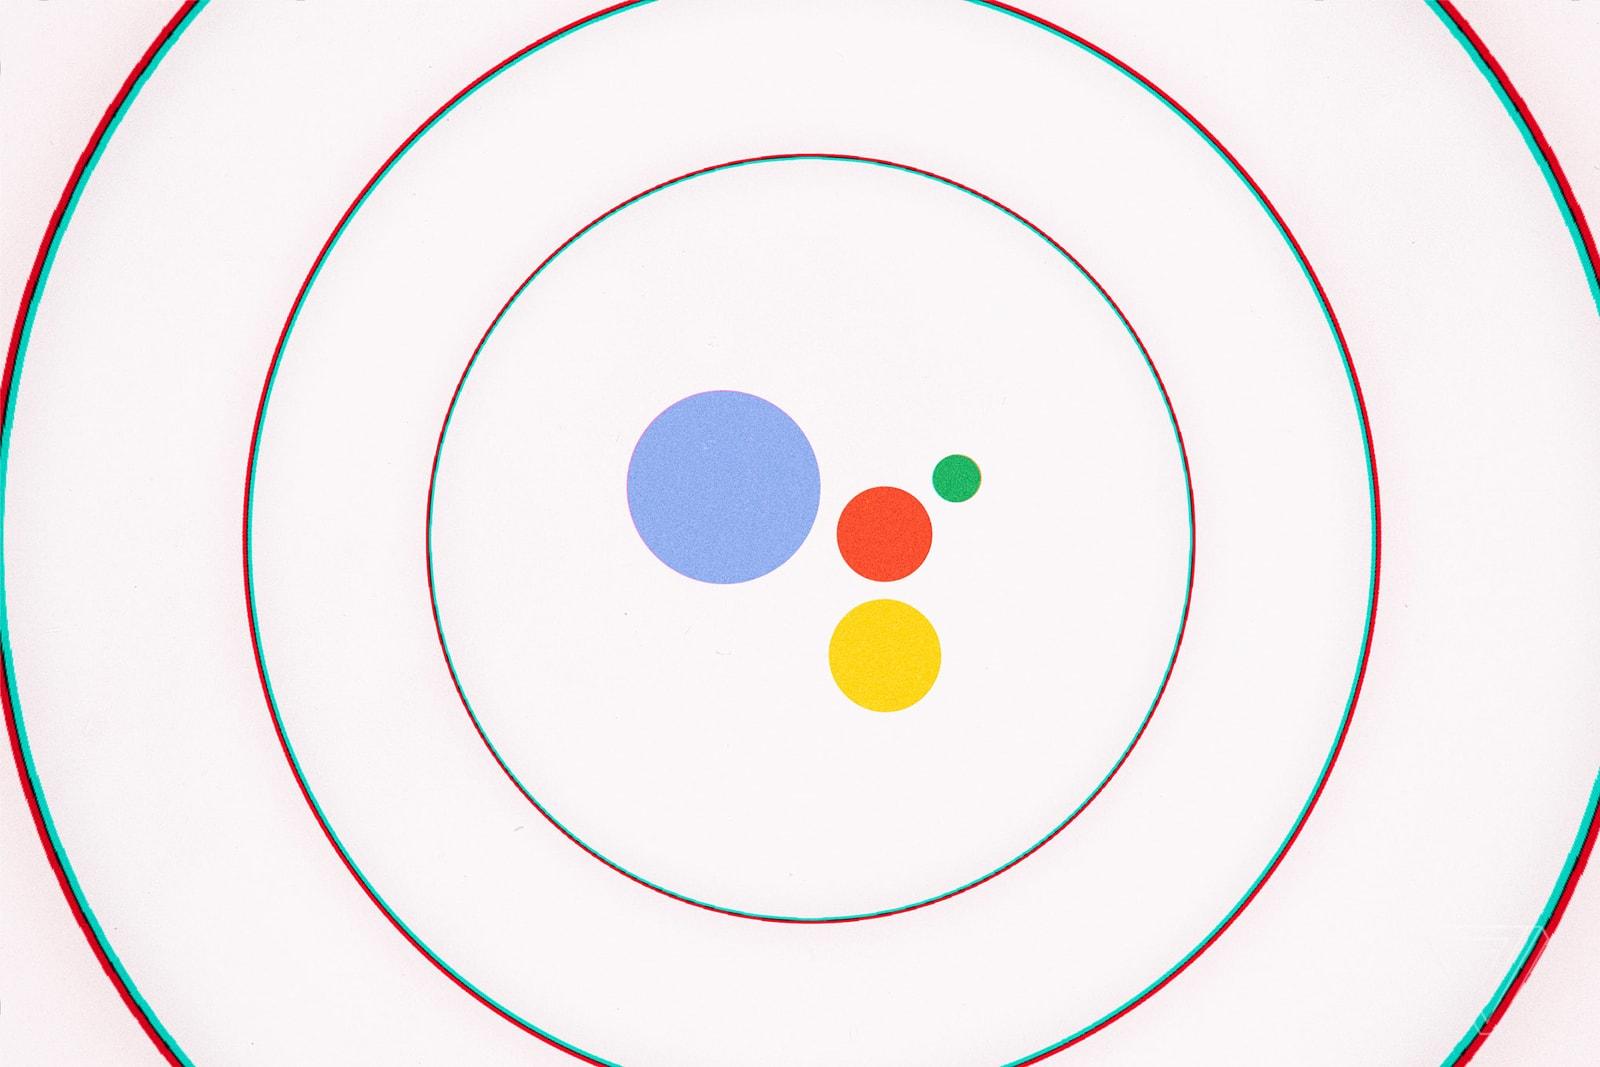 Trợ lý ảo Google Assistant được bổ sung thêm giọng nói mới ở 9 quốc gia